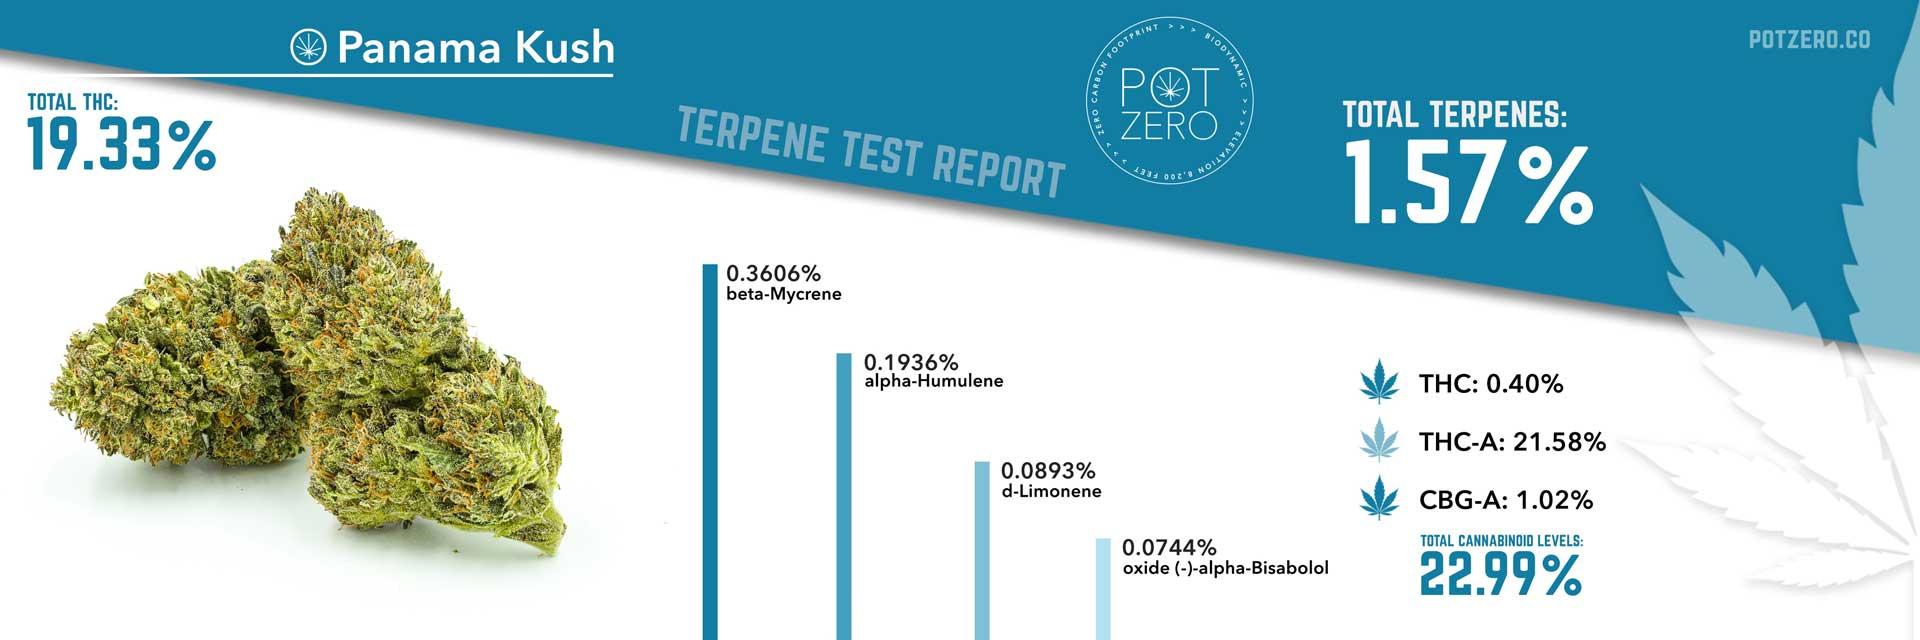 panama kush strain terpene test report